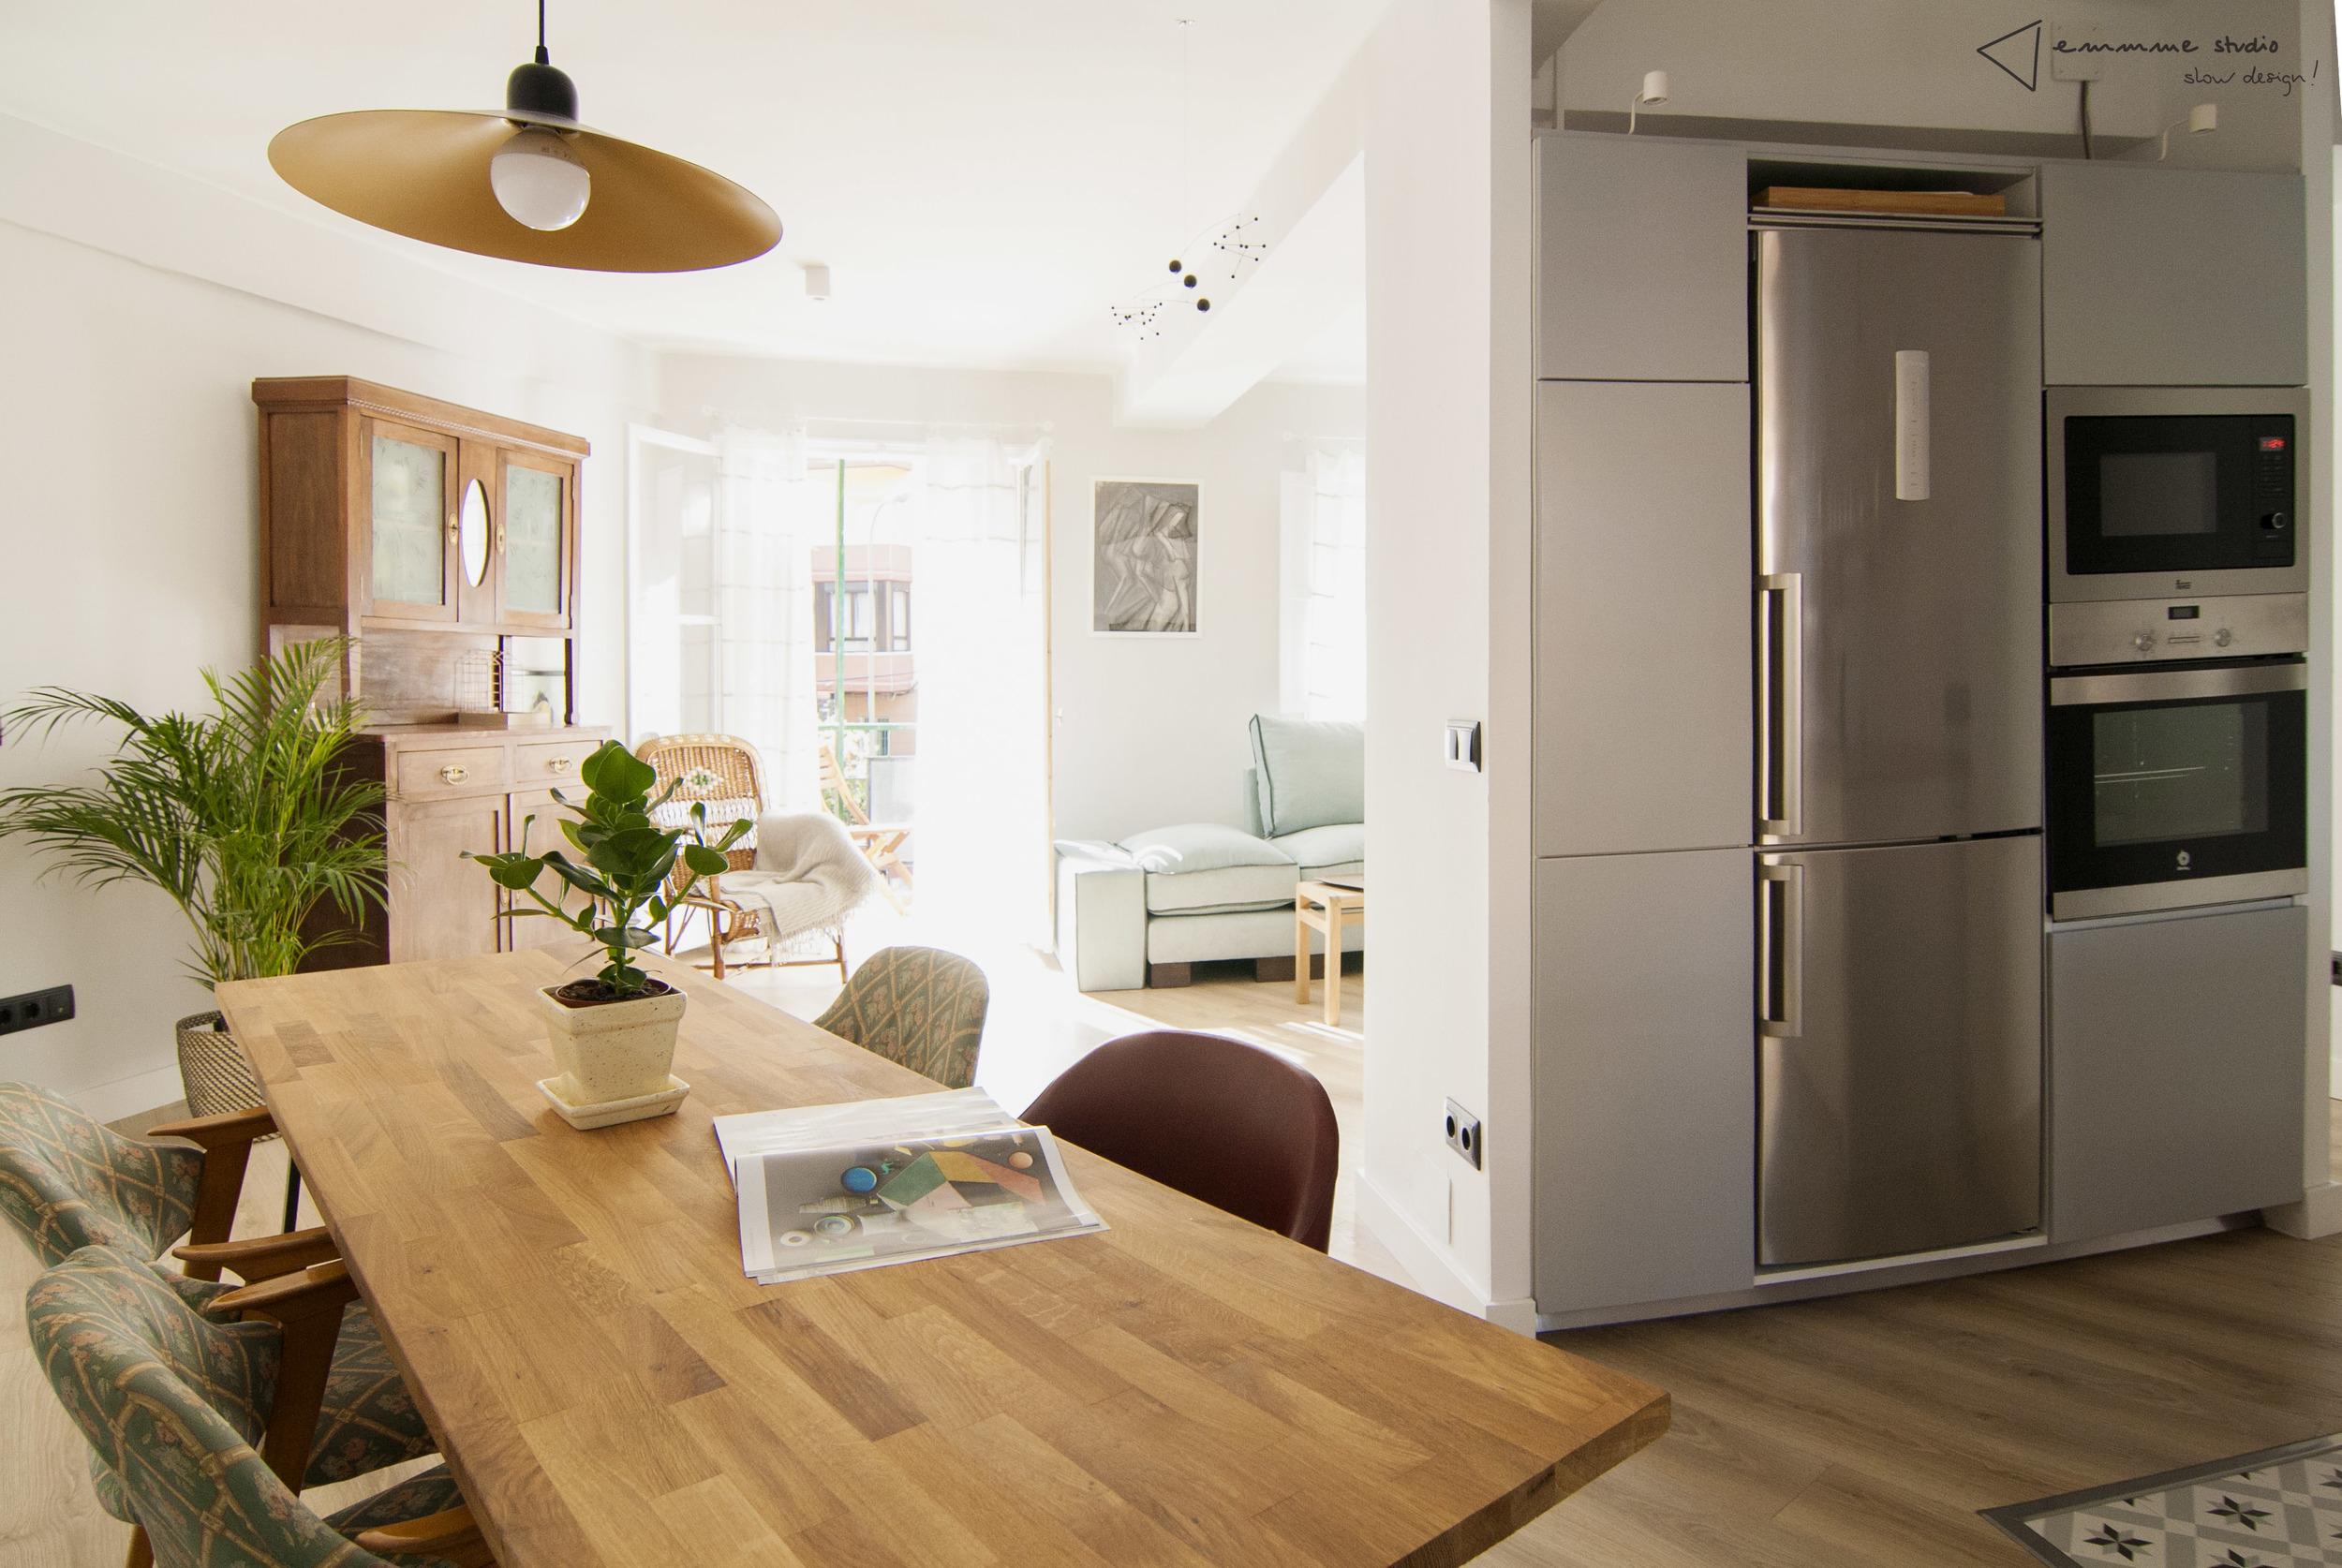 emmme studio_reforma new vintage_comedor y cocina.jpg